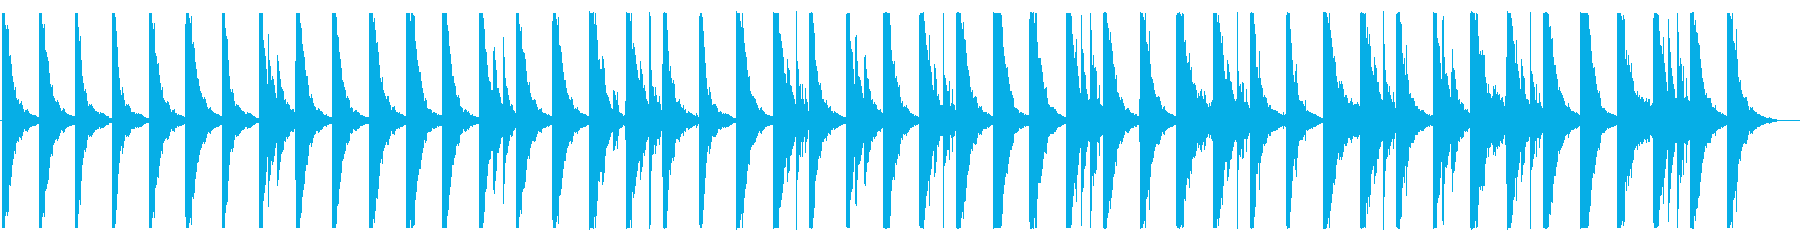 キラキラ/エレクトロニカ_No441_2の再生済みの波形